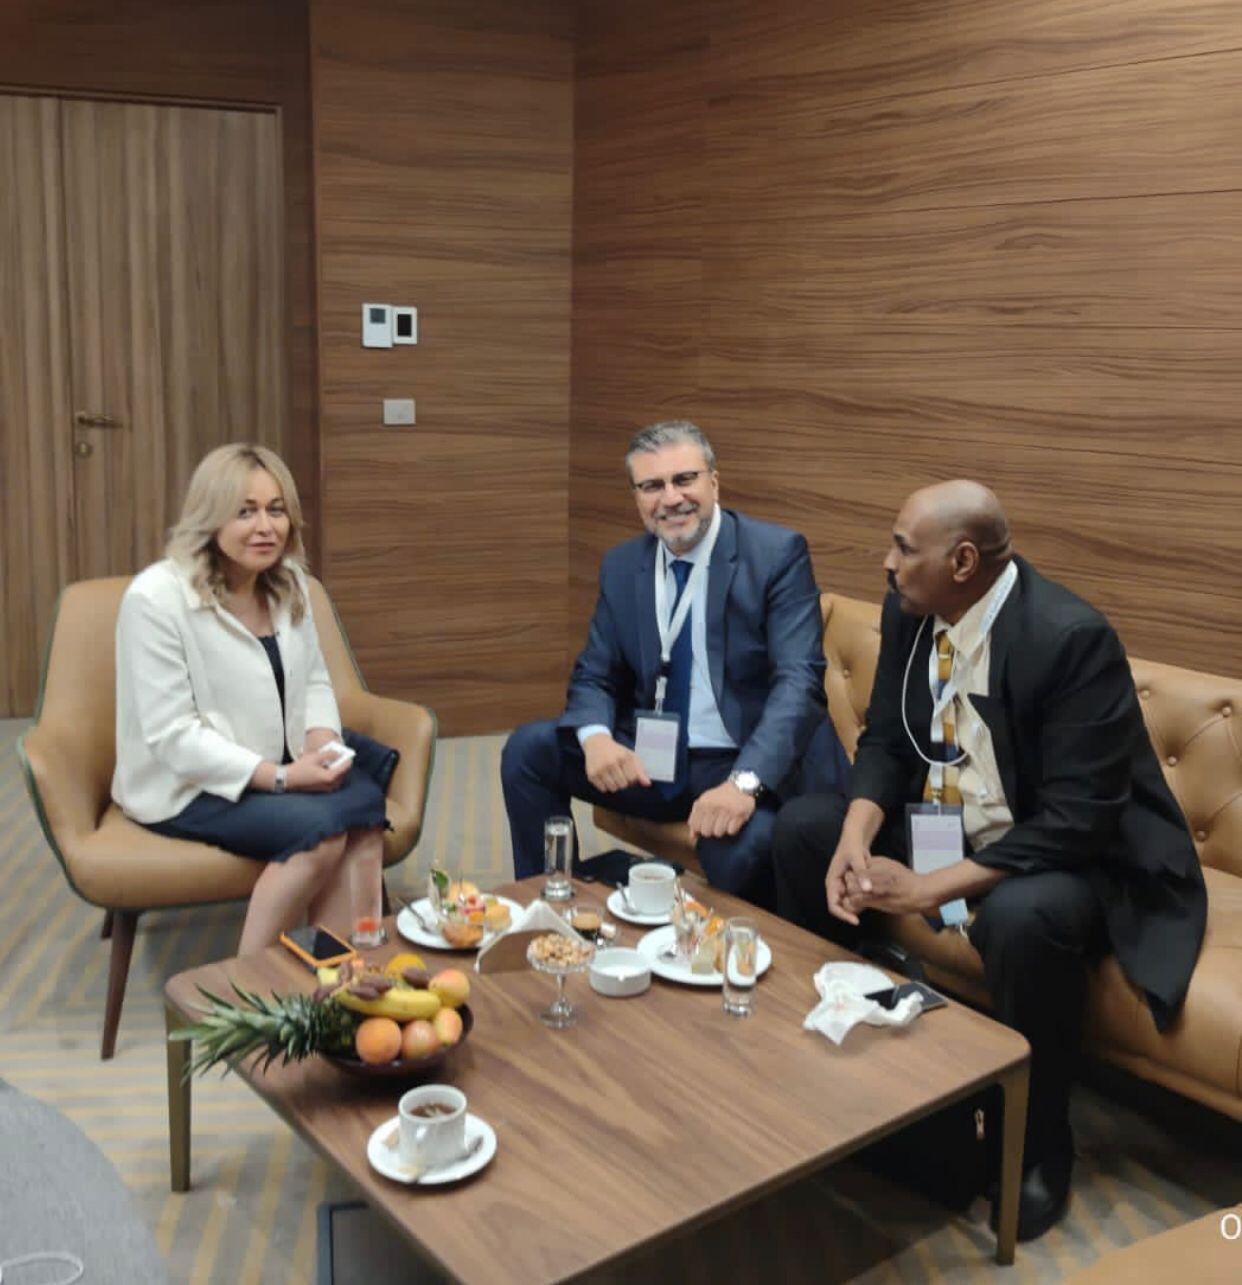 رئيس اتحاد الإذاعات الإسلامية يلتقي برئيس التليفزيون التونسي